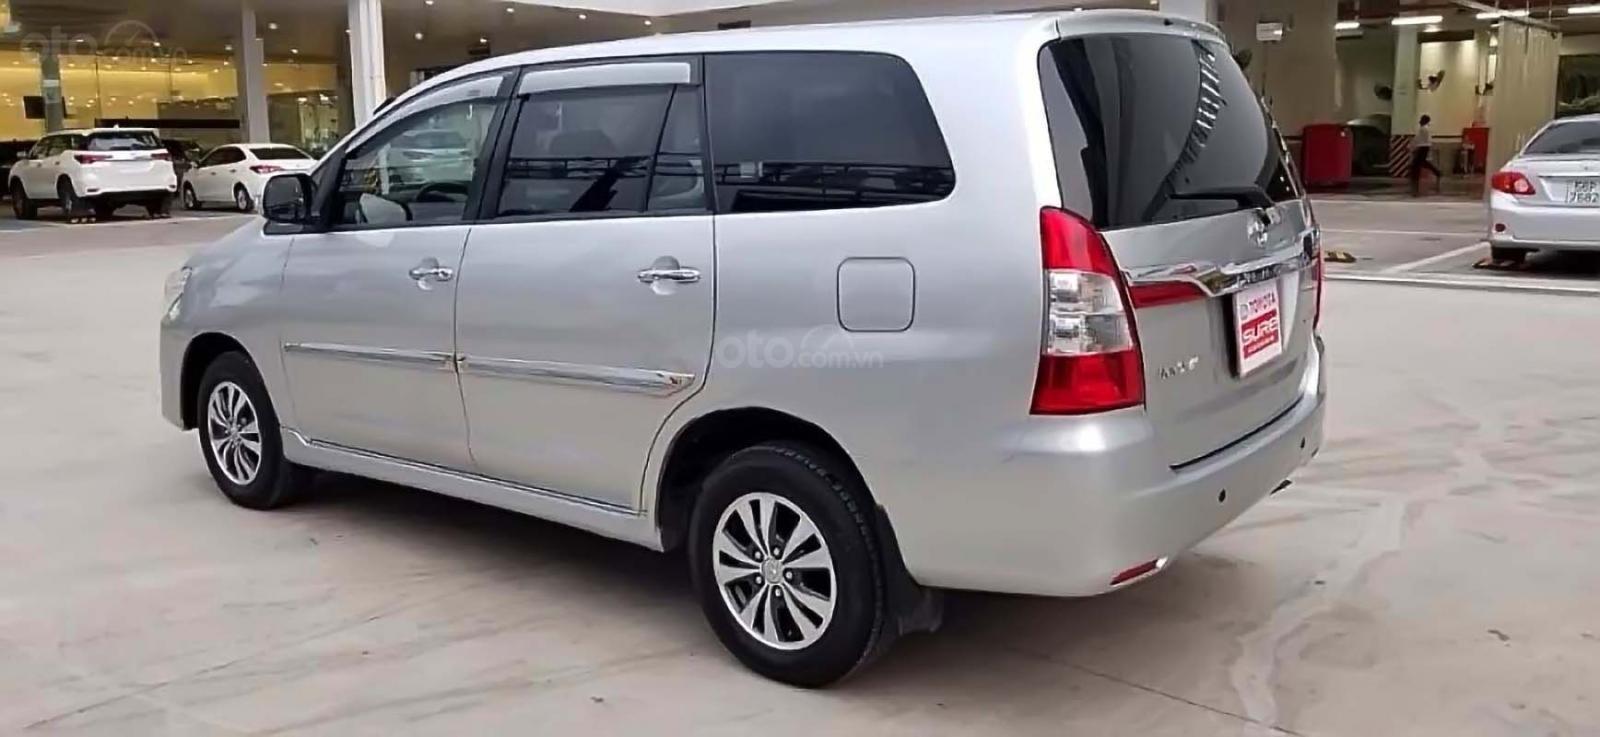 Cần bán Toyota Innova MT sản xuất 2014, màu nâu số sàn, giá tốt (2)